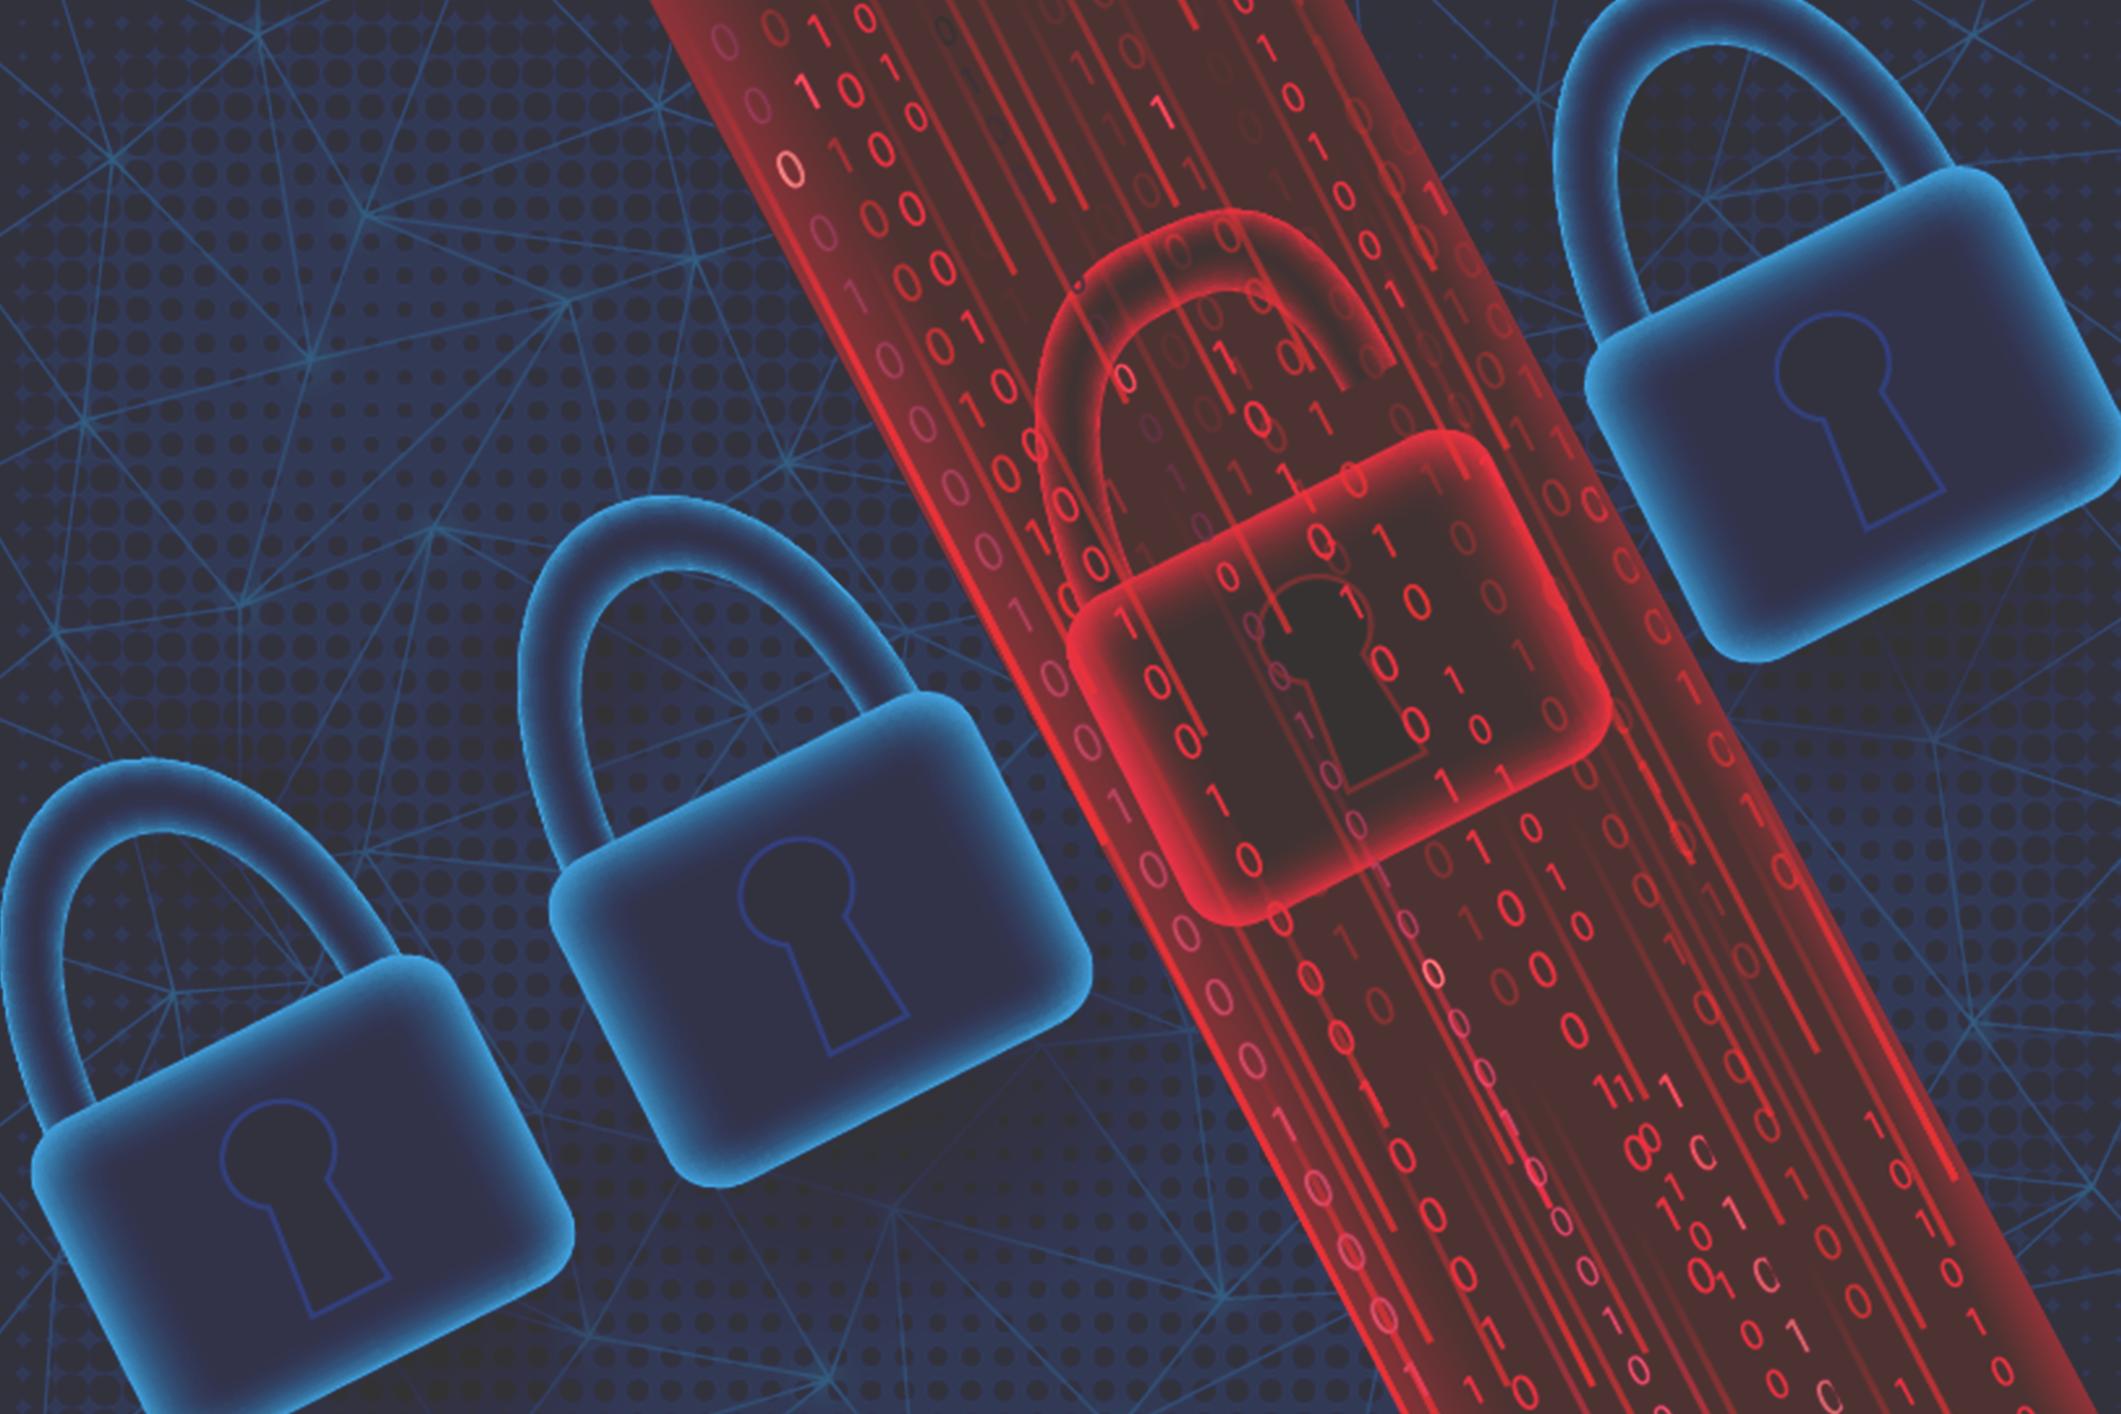 La sauvegarde des données est indispensable, compte tenu de la place centrale qu'occupe la data dans l'activité des entreprises.